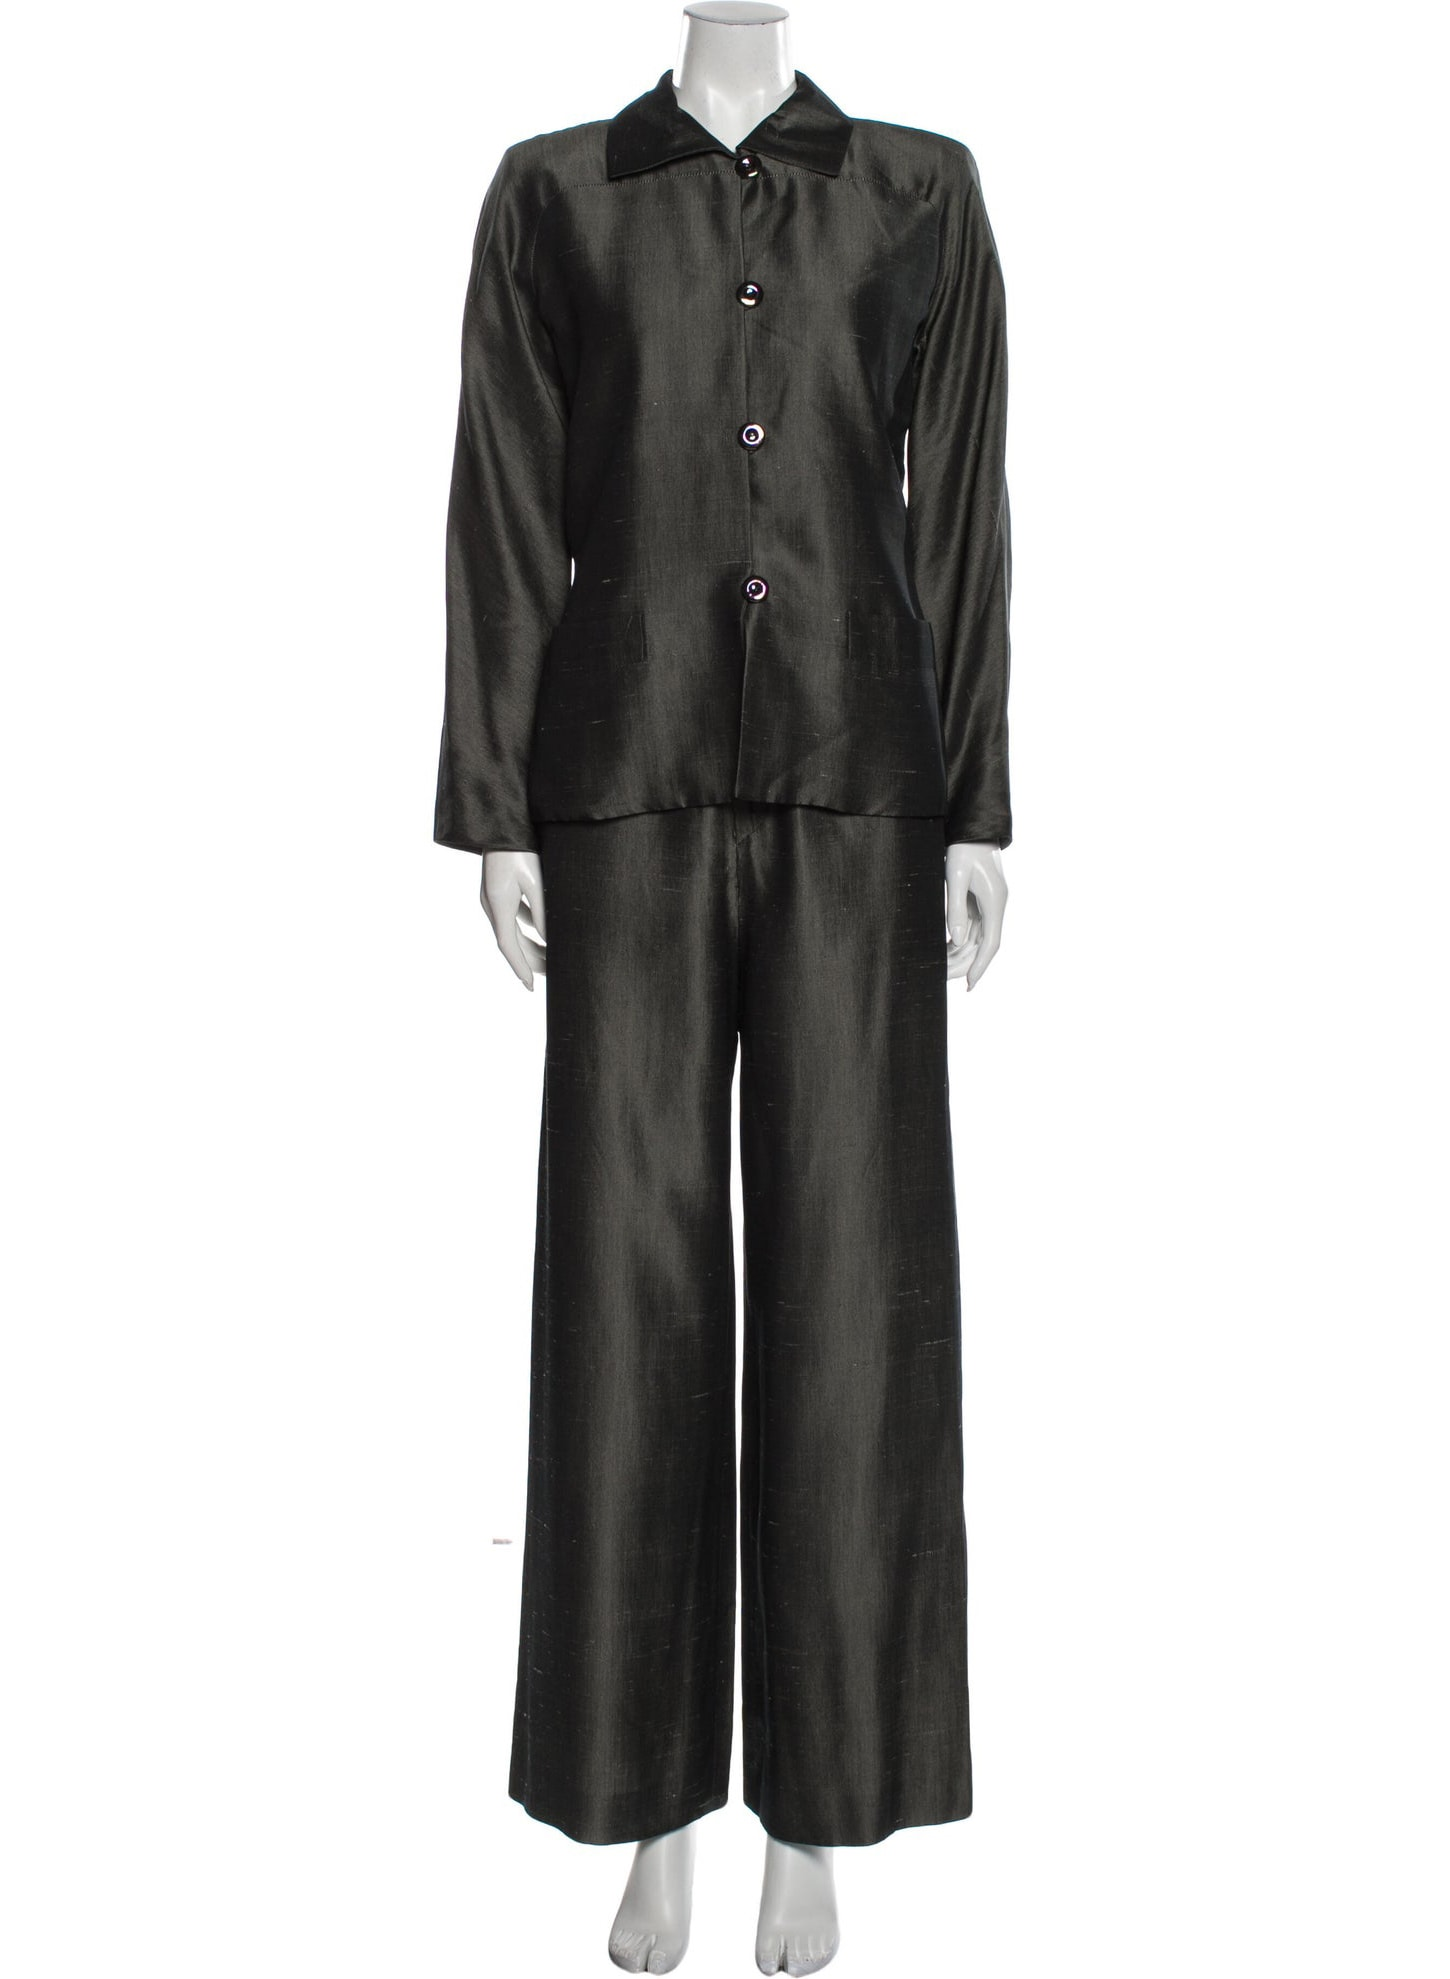 YVES SAINT LAURENT RIVE GAUCHE Vintage Pantsuit